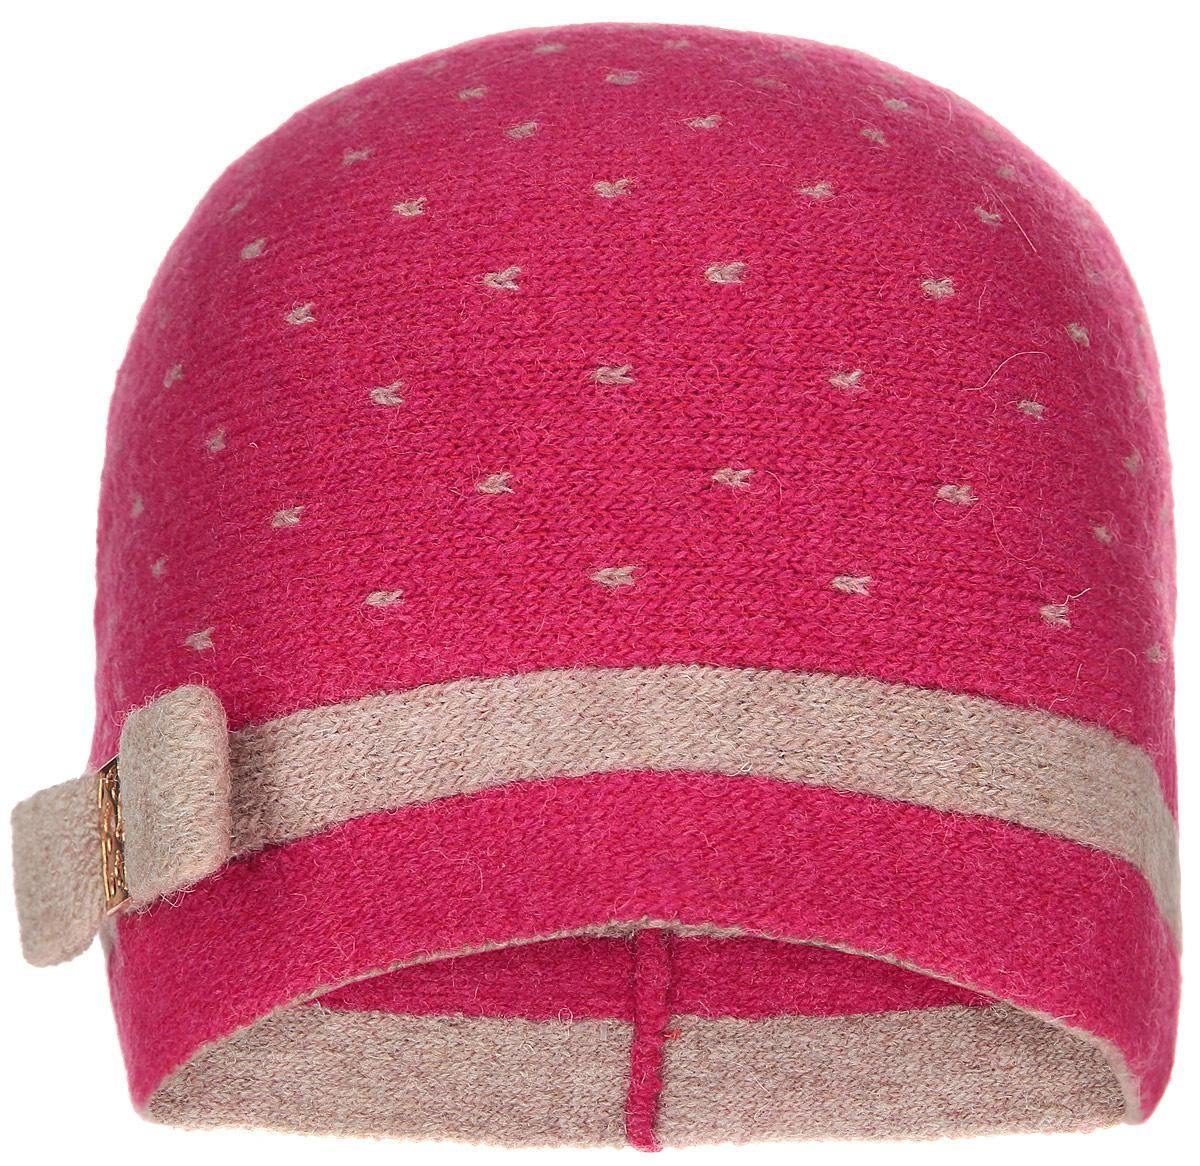 Шапка3443762Модная женская шапка Canoe Madeline в стиле 30-х годов отлично дополнит ваш образ в холодную погоду. Сочетание используемых материалов максимально сохраняет тепло и обеспечивает удобную посадку, невероятную легкость и мягкость. Шапка украшена декоративным элементом в виде банта. Привлекательная стильная шапка Canoe Madeline подчеркнет ваш неповторимый стиль и индивидуальность.